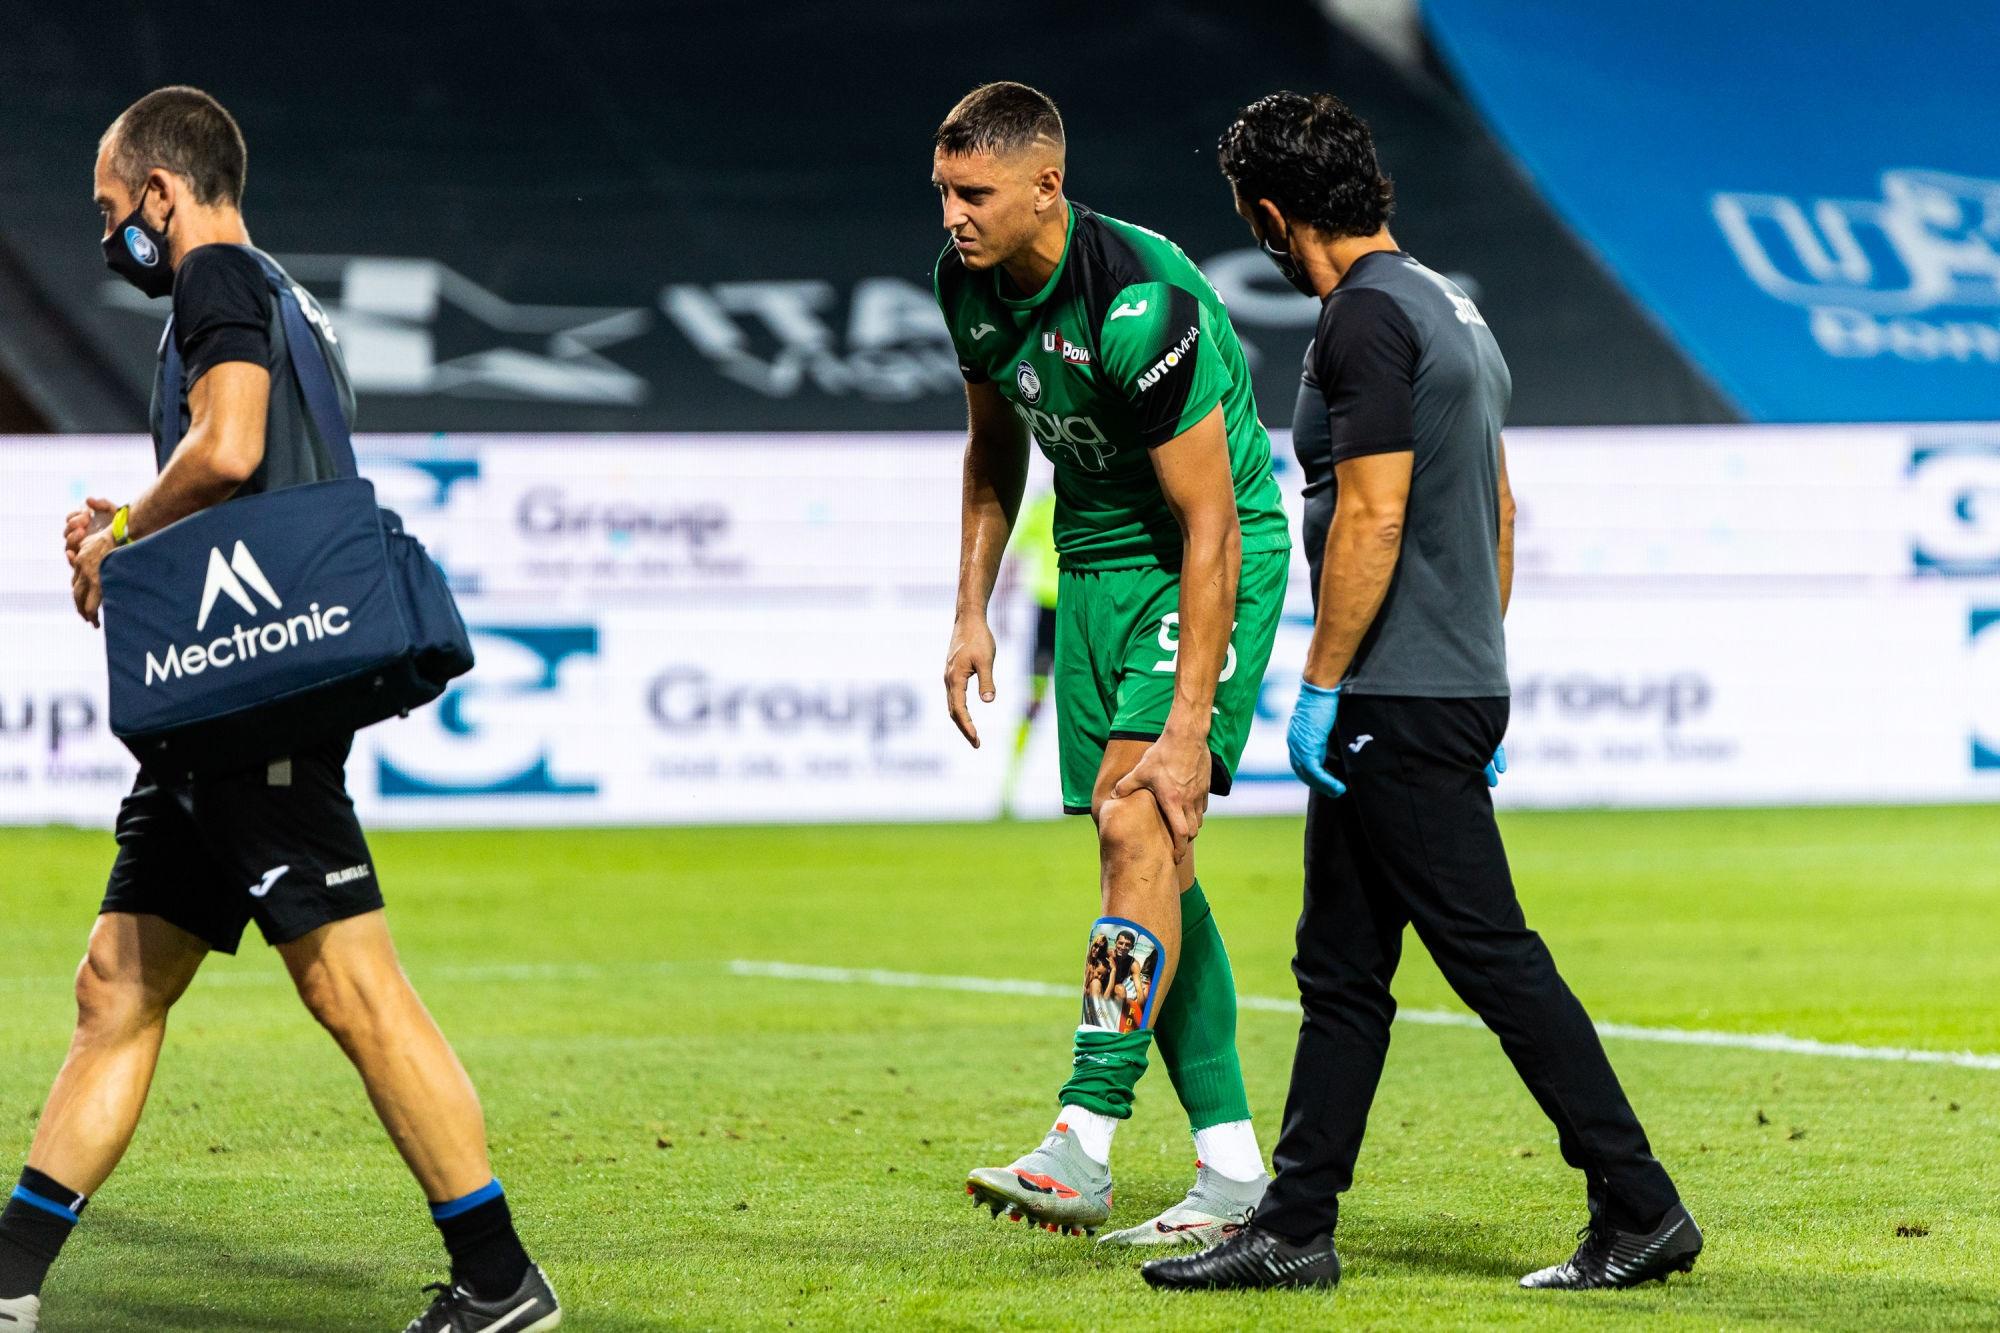 """Atalanta/PSG - Le gardien Gollini annonce une """"course contre la montre"""" afin d'être prêt"""